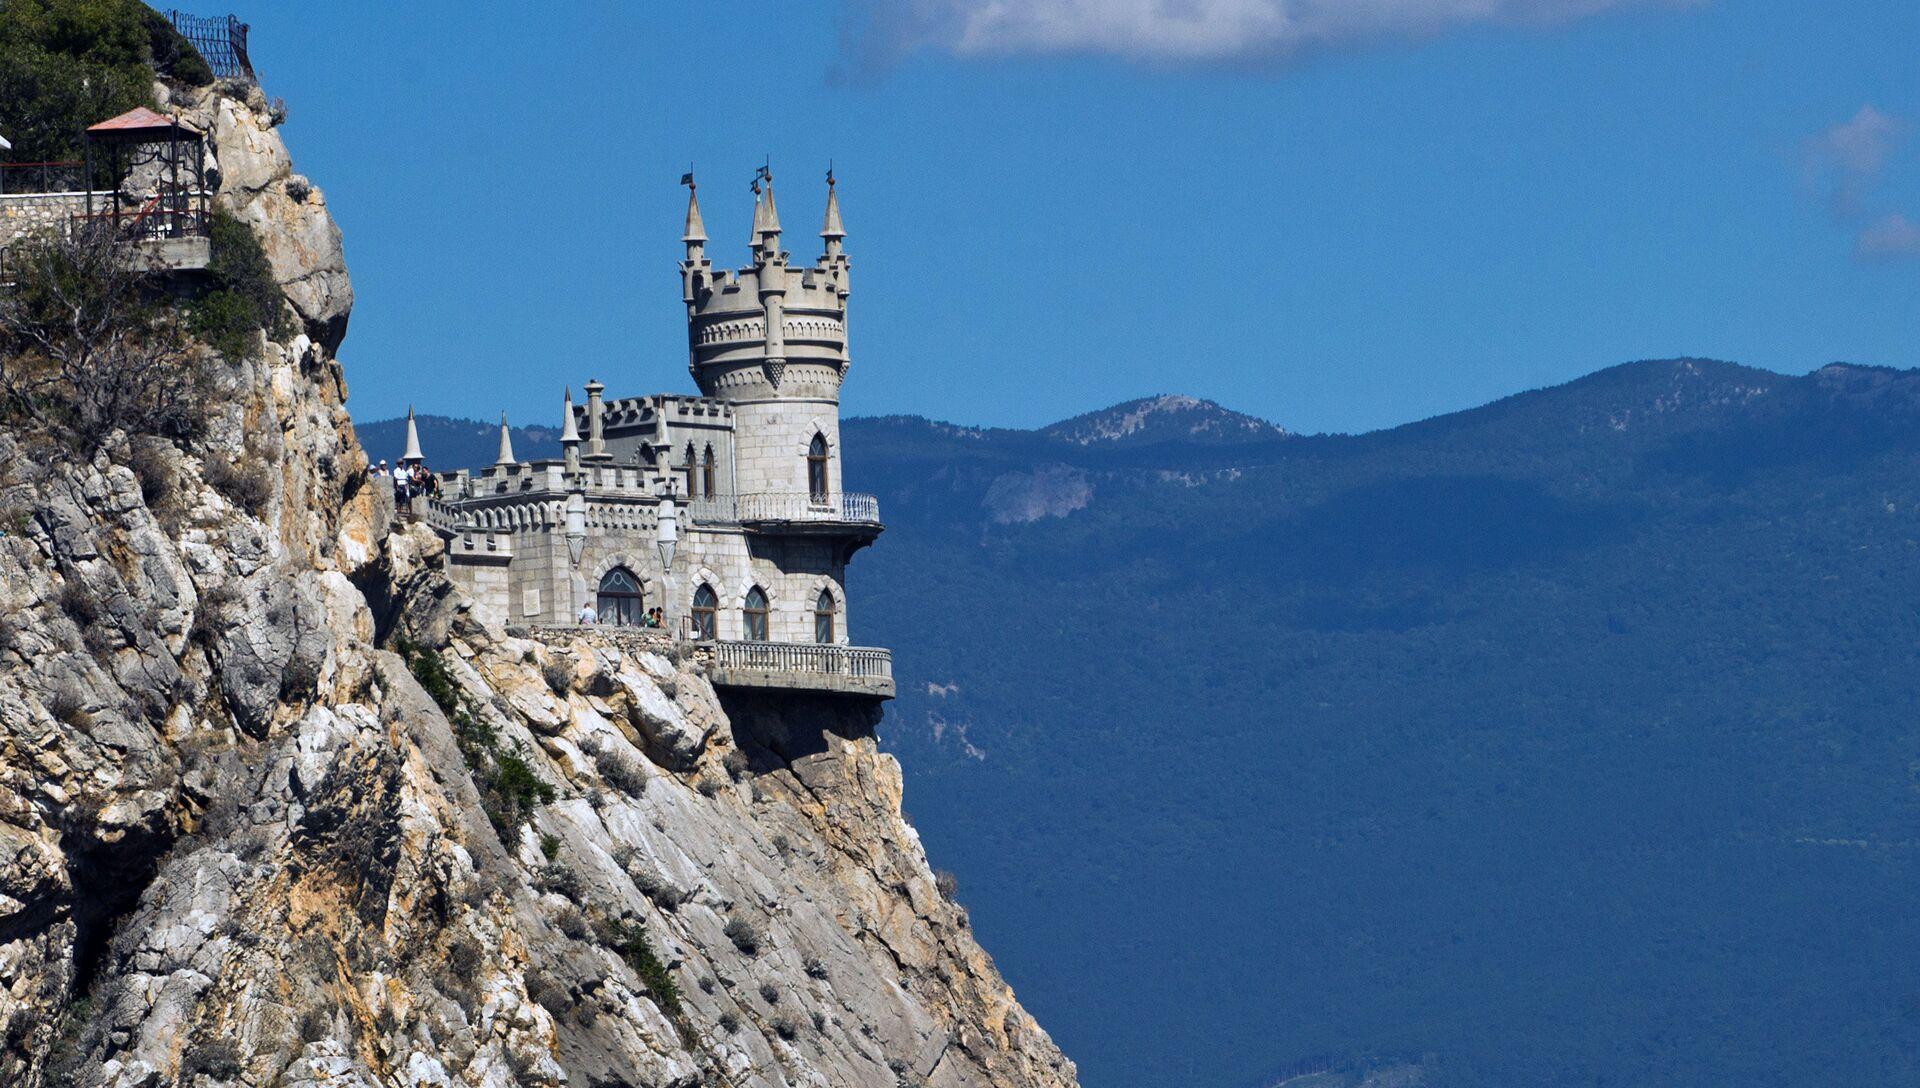 Замок Ласточкино гнездо на береговой скале в поселке Гаспра в Крыму. - РИА Новости, 1920, 03.08.2021